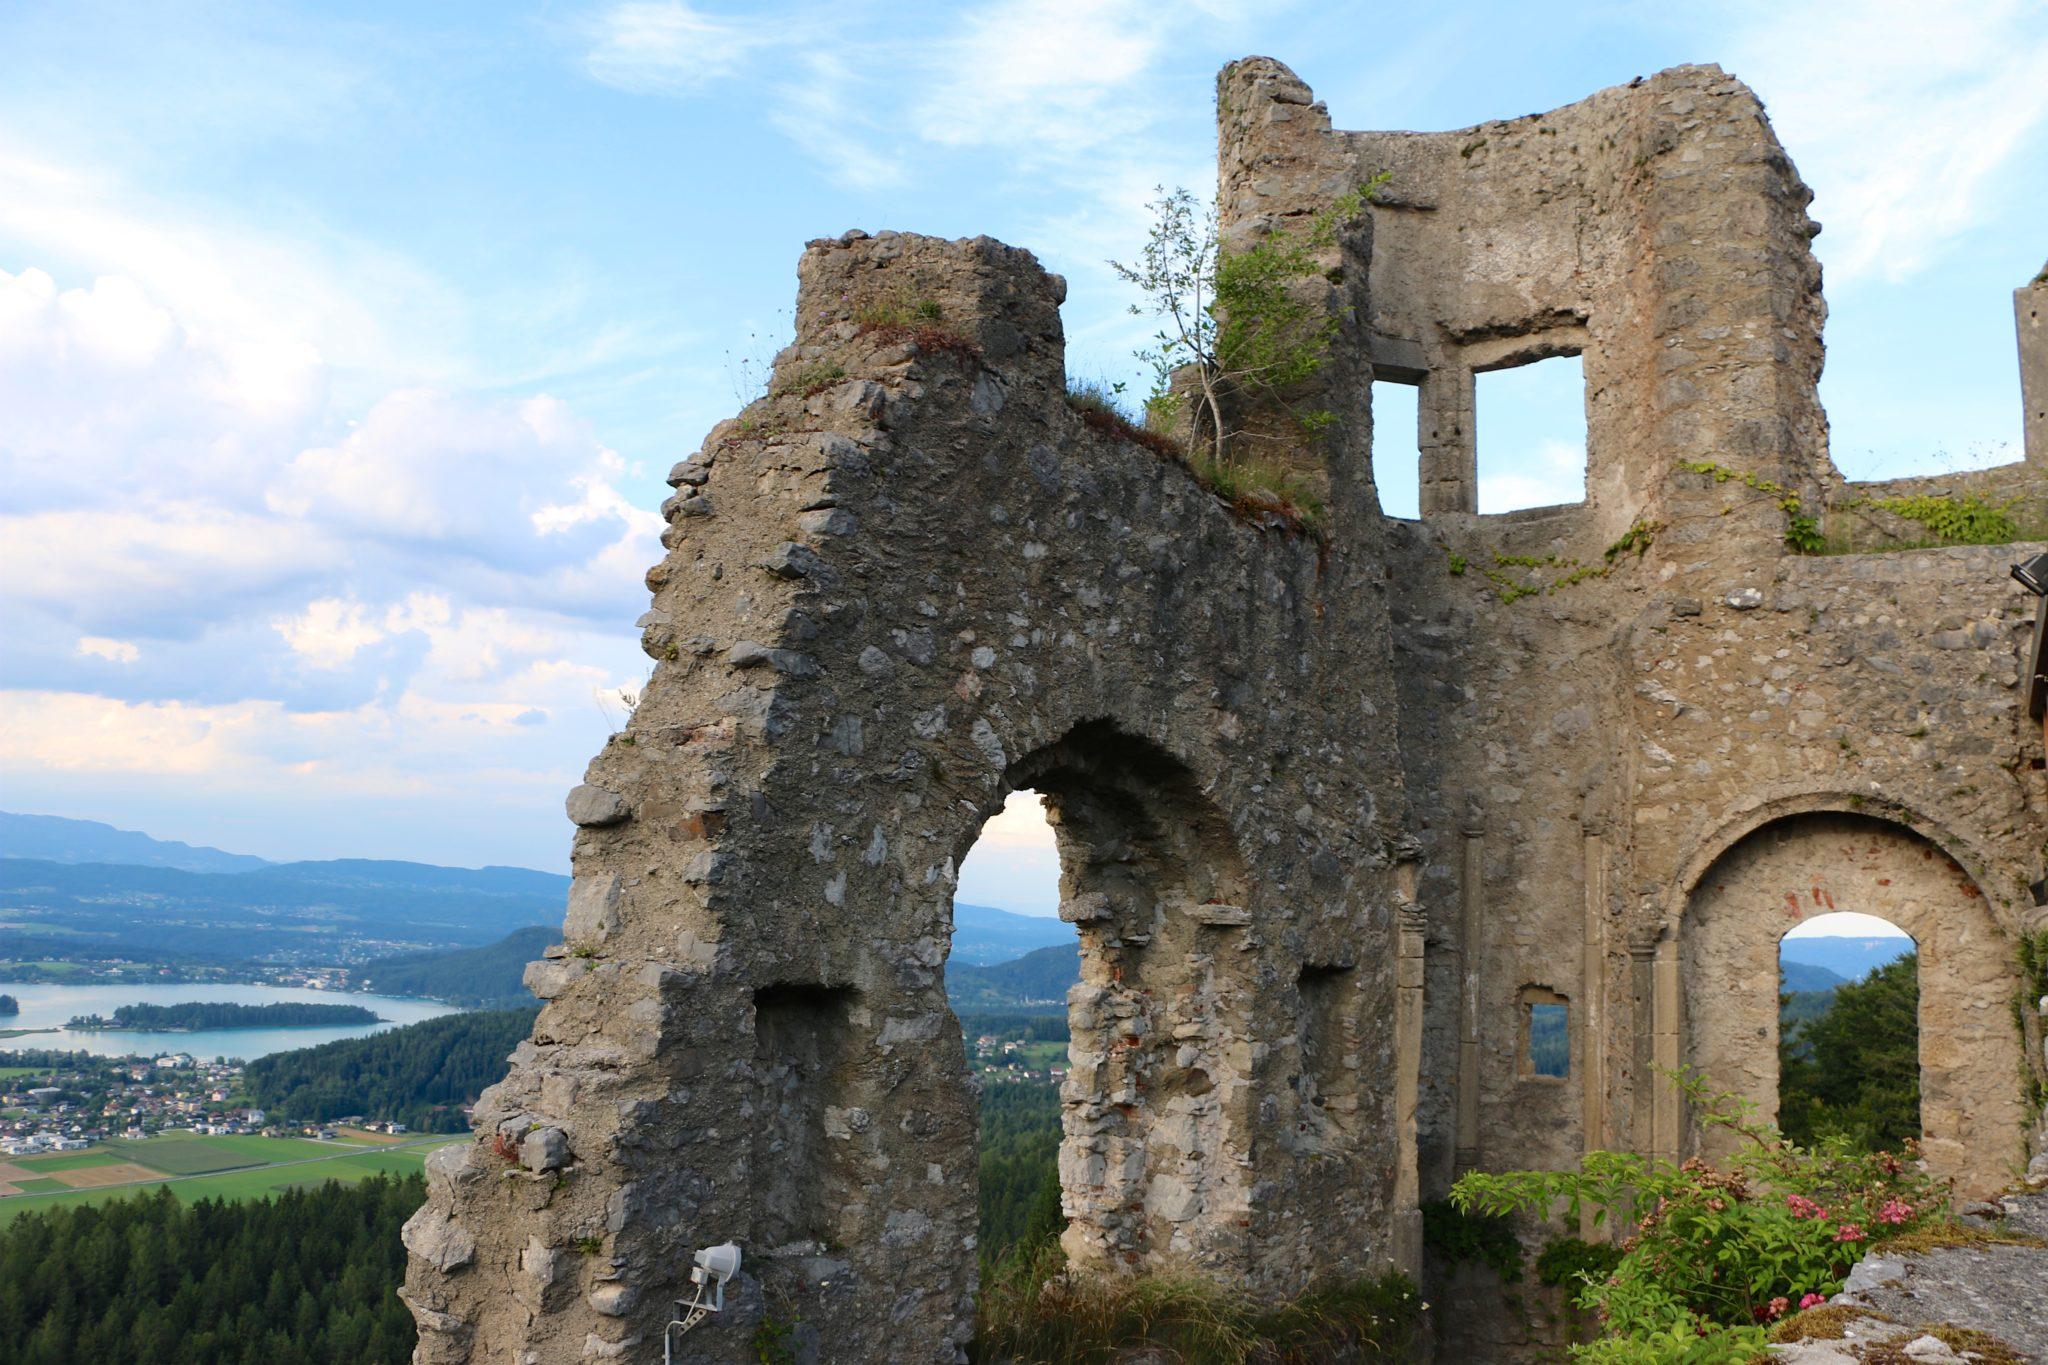 Burgruine Finkenstein│Austrian Castle Ruins